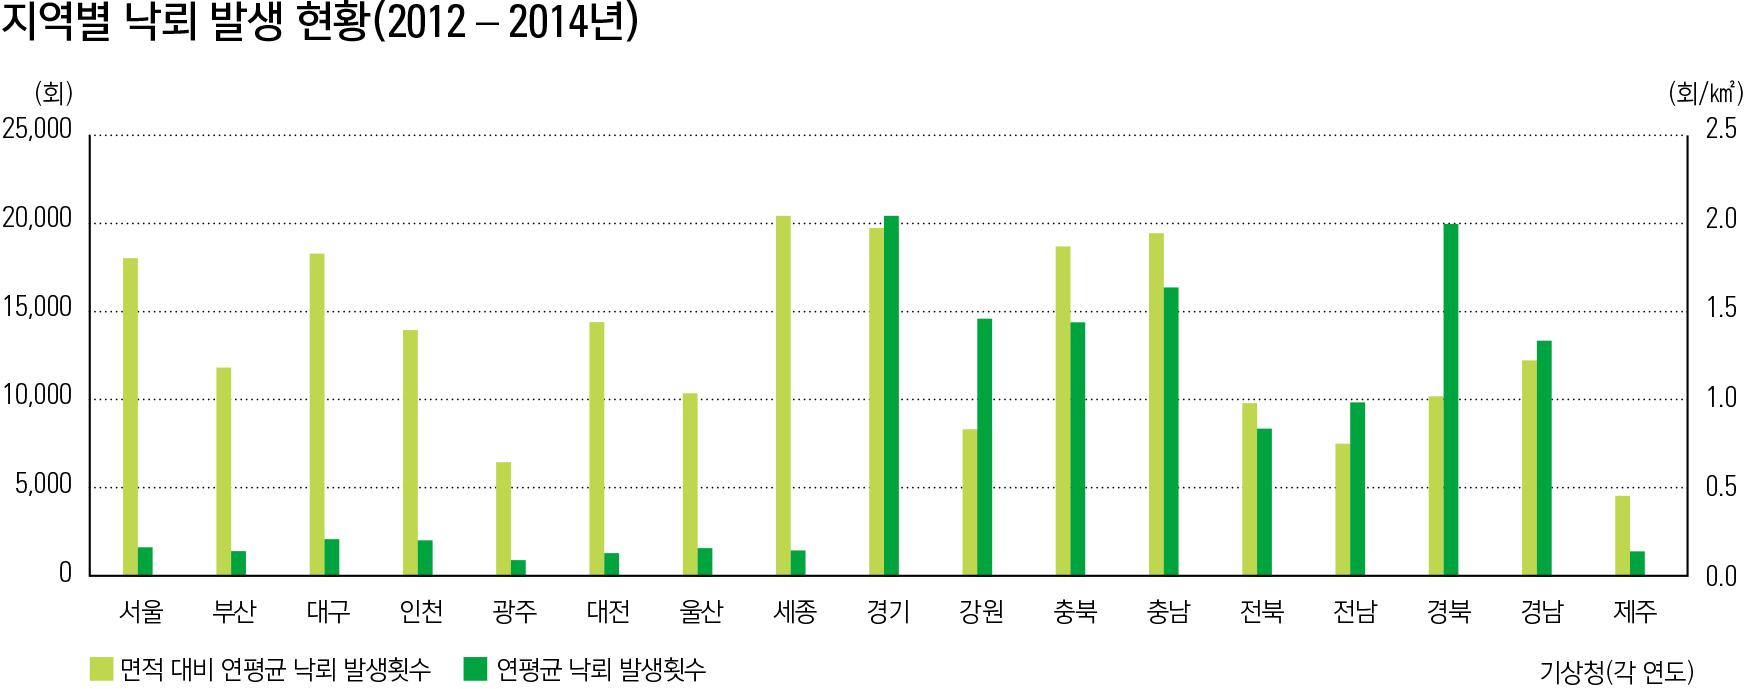 지역별 낙뢰 발생 현황(2012 - 2014년)